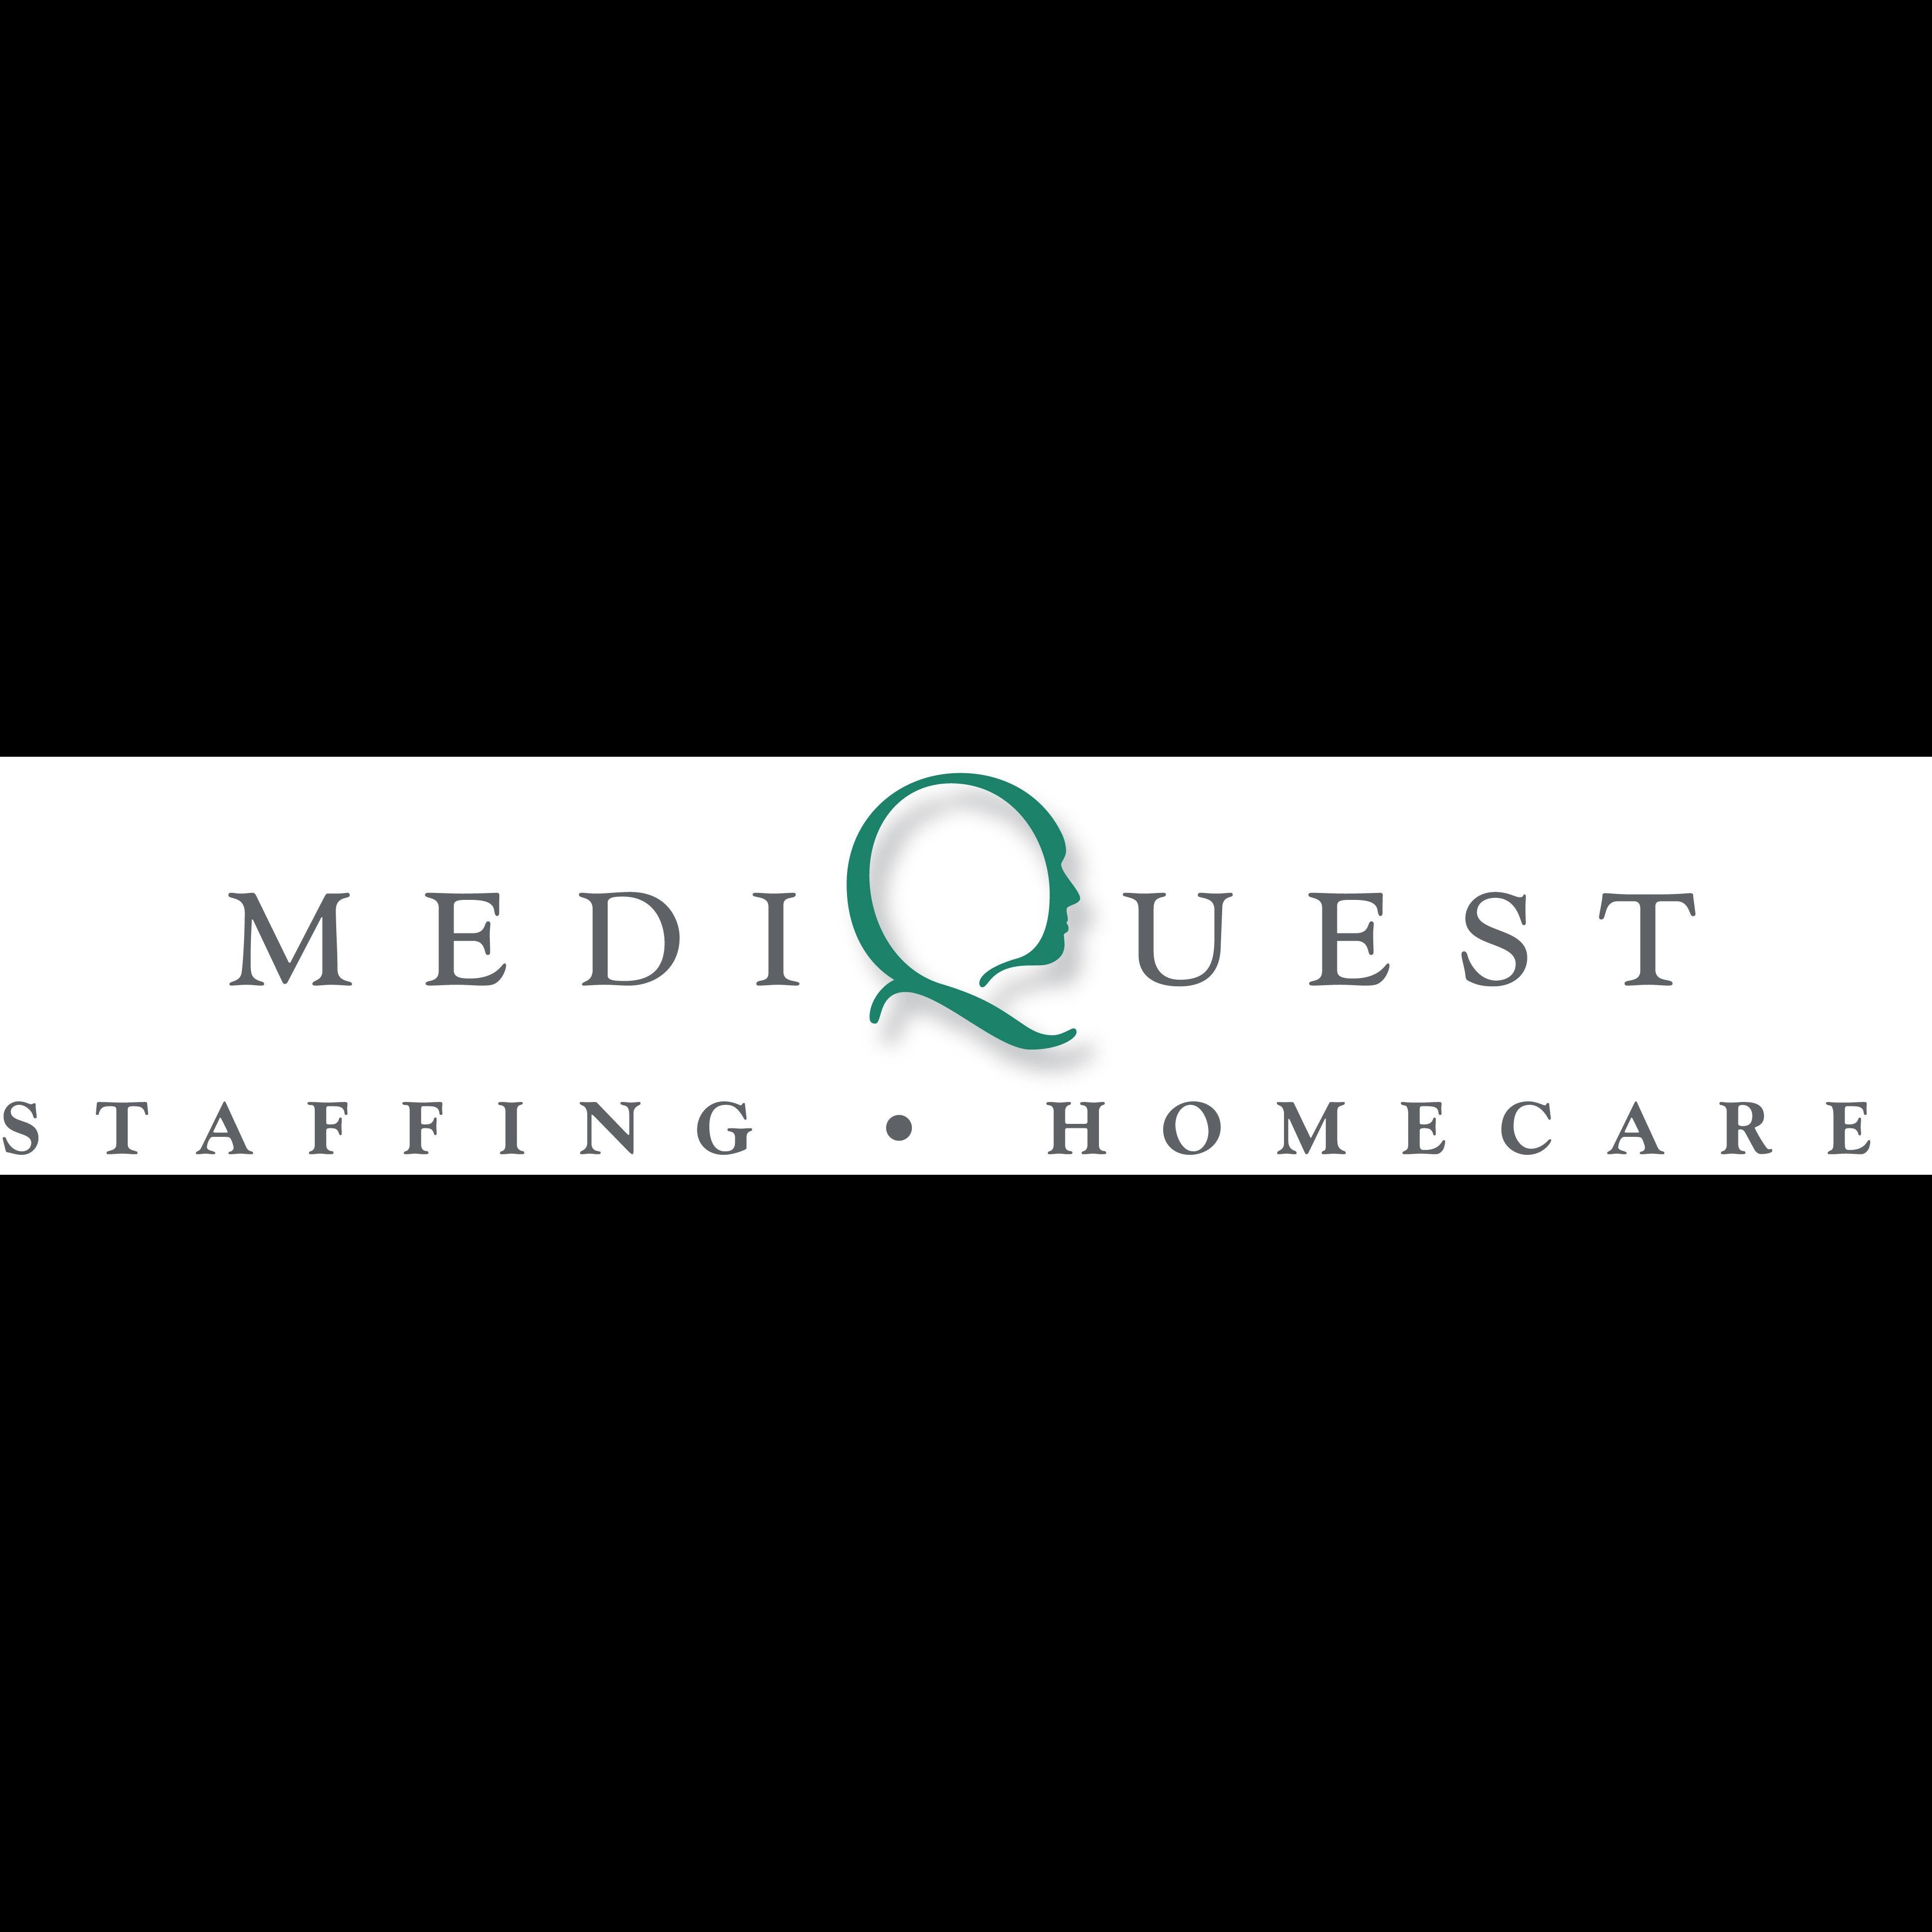 MediQuest Staffing & Homecare